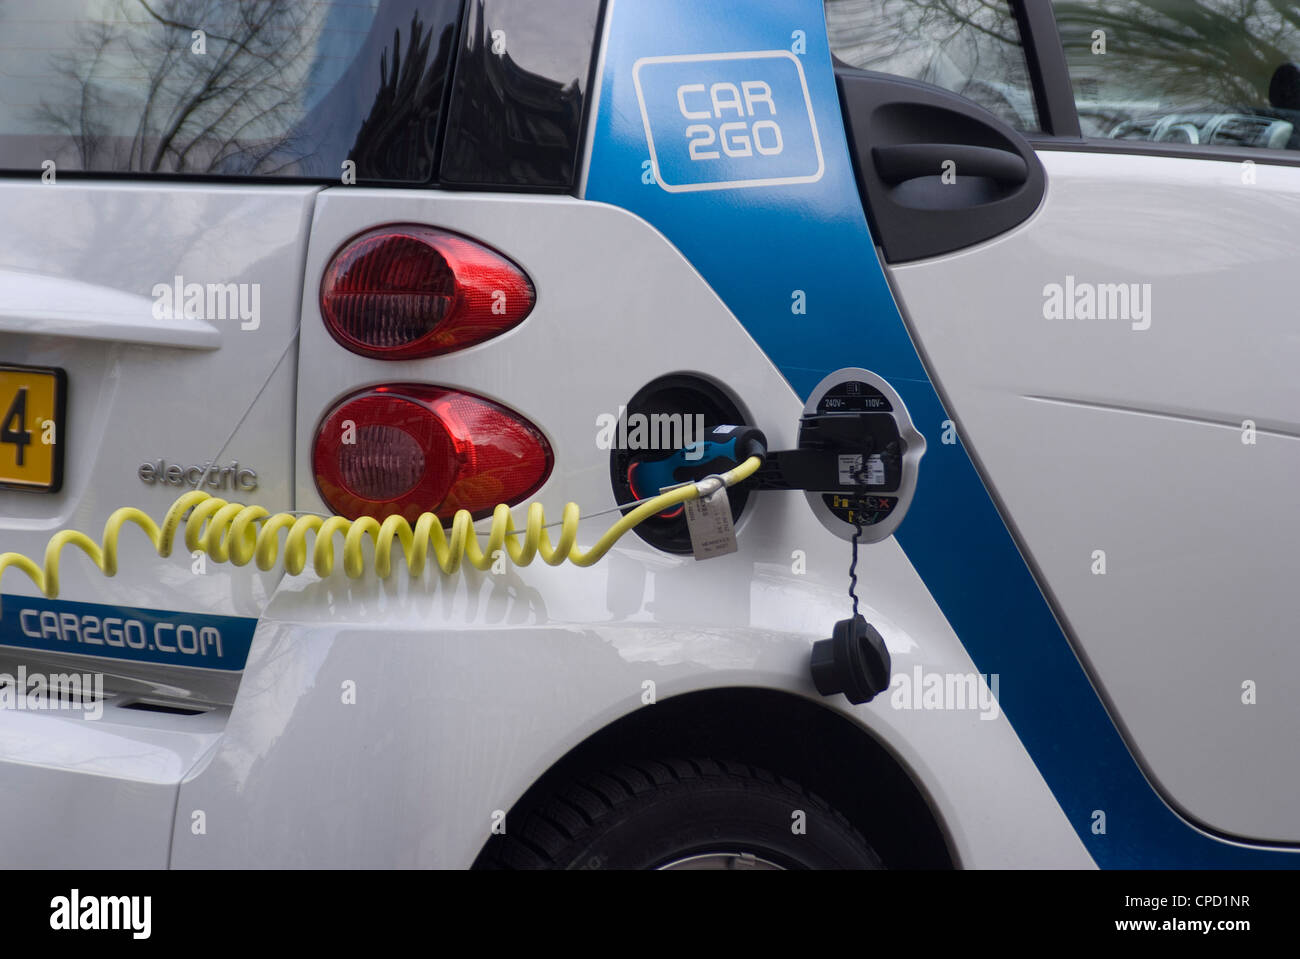 La ricarica di una macchina elettrica, Amsterdam, Paesi Bassi, Europa Immagini Stock